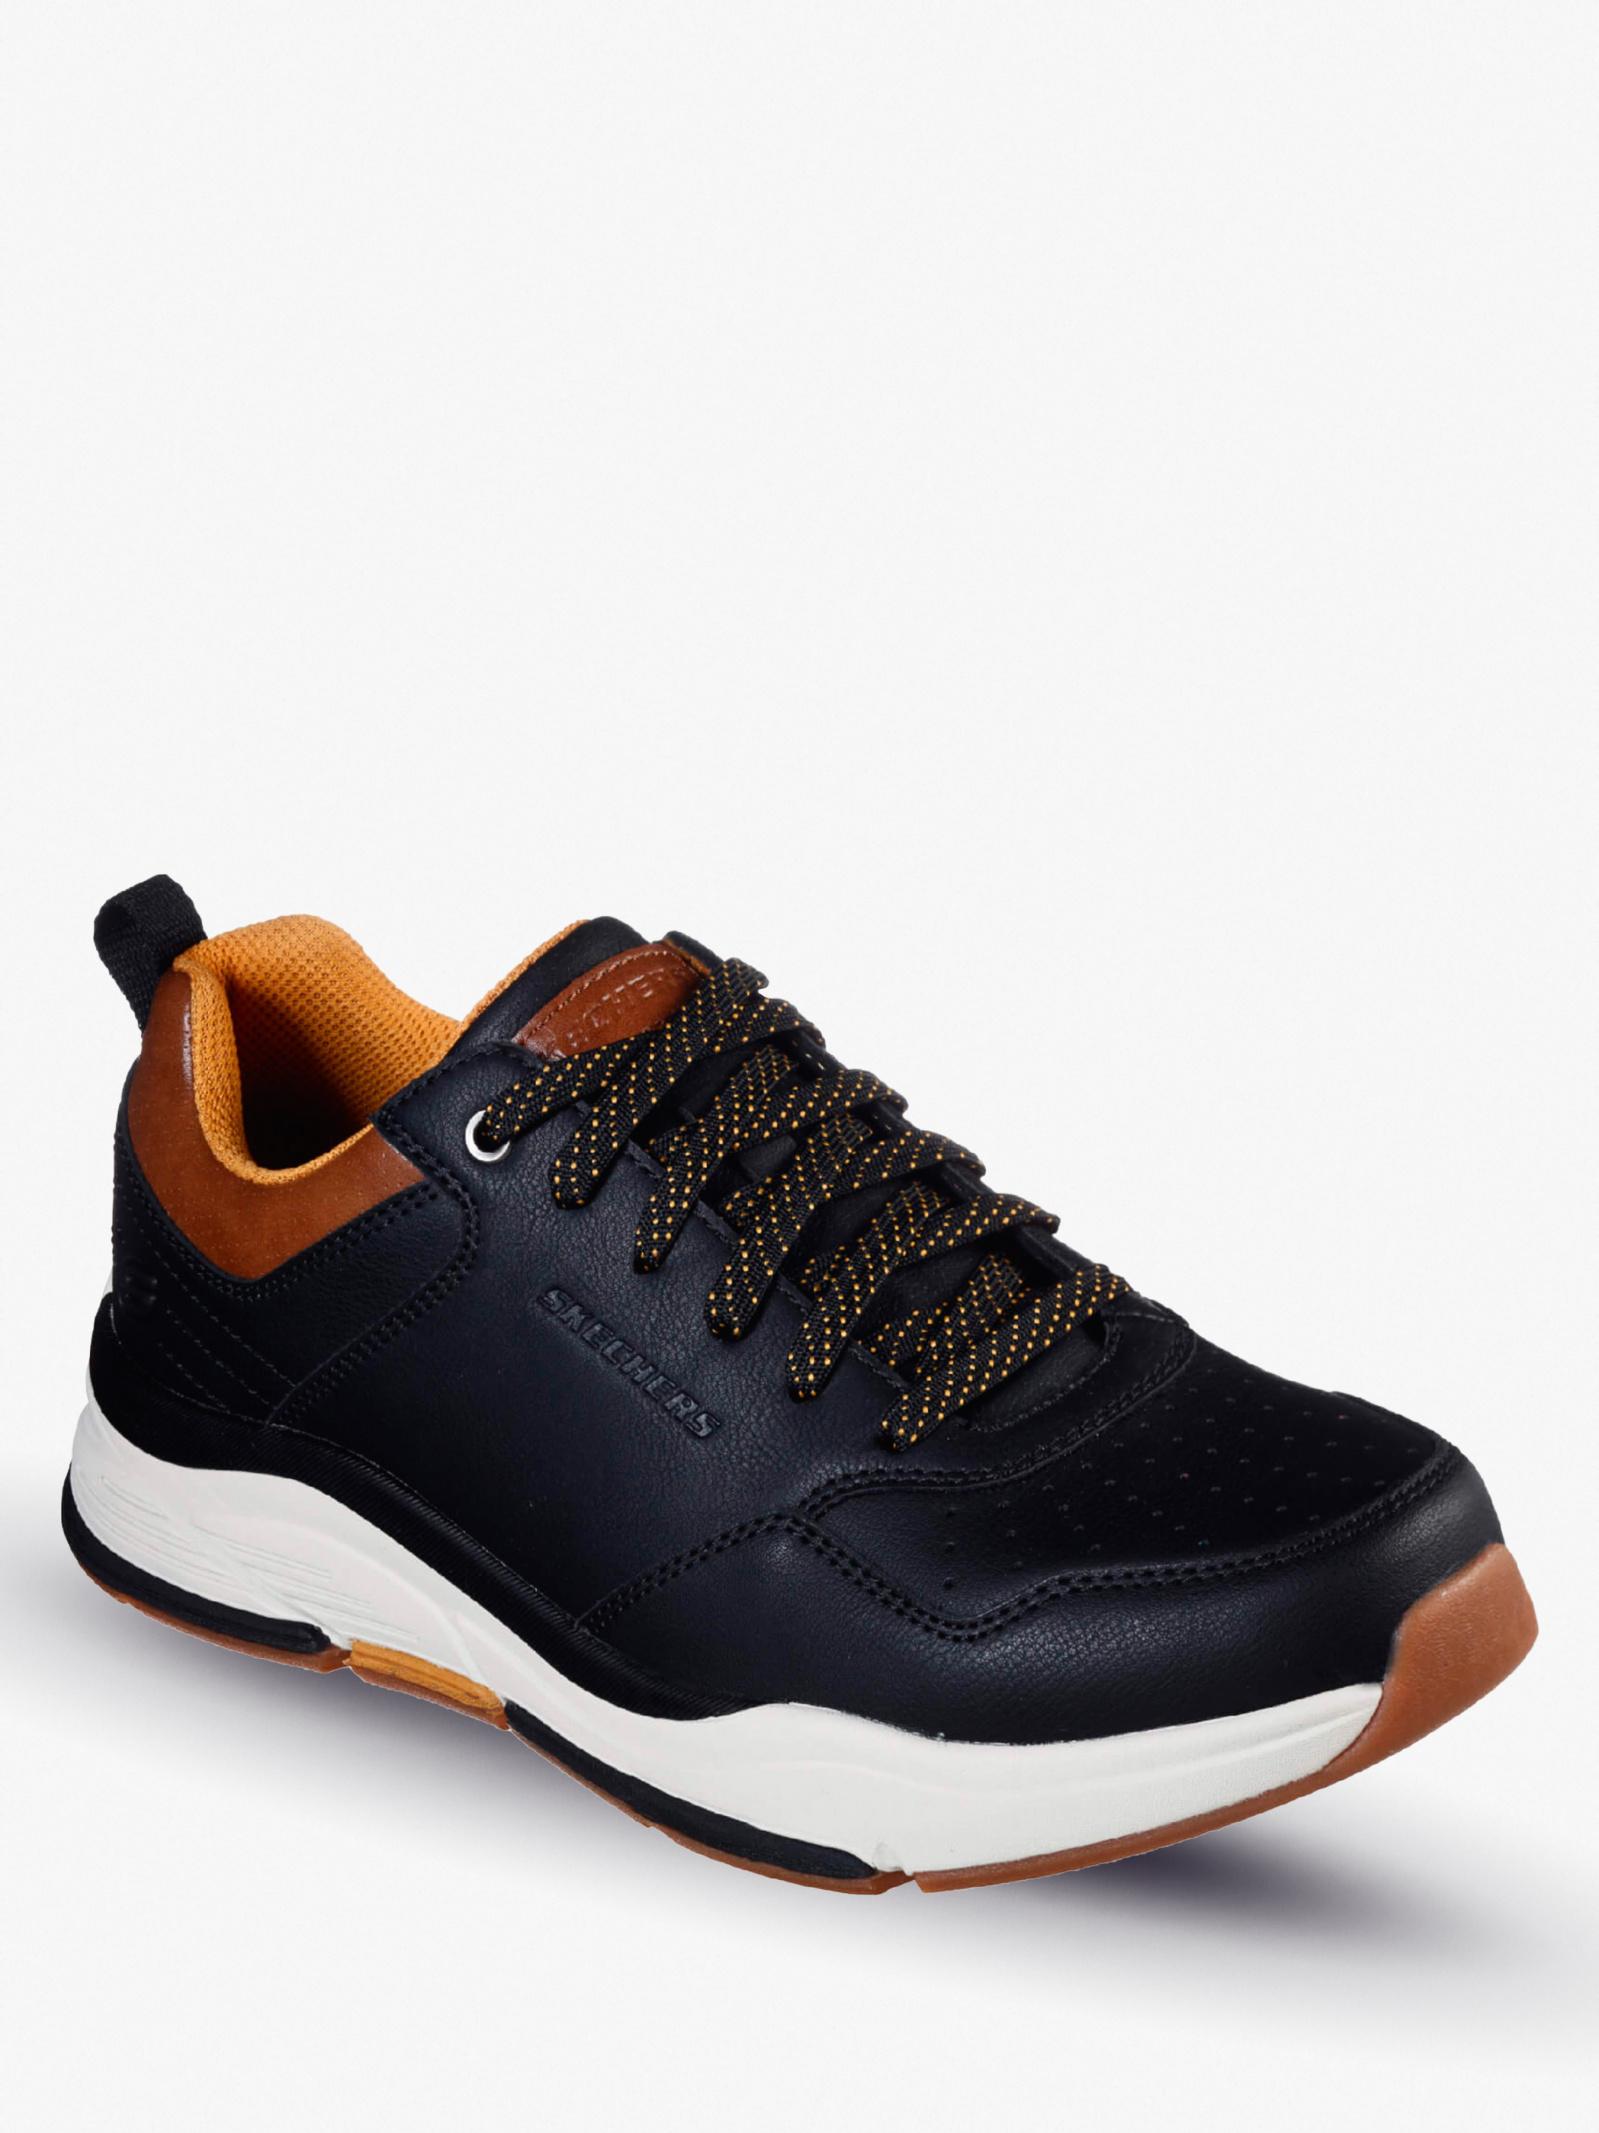 Кроссовки для мужчин Skechers USA Streetwear KM3755 брендовая обувь, 2017